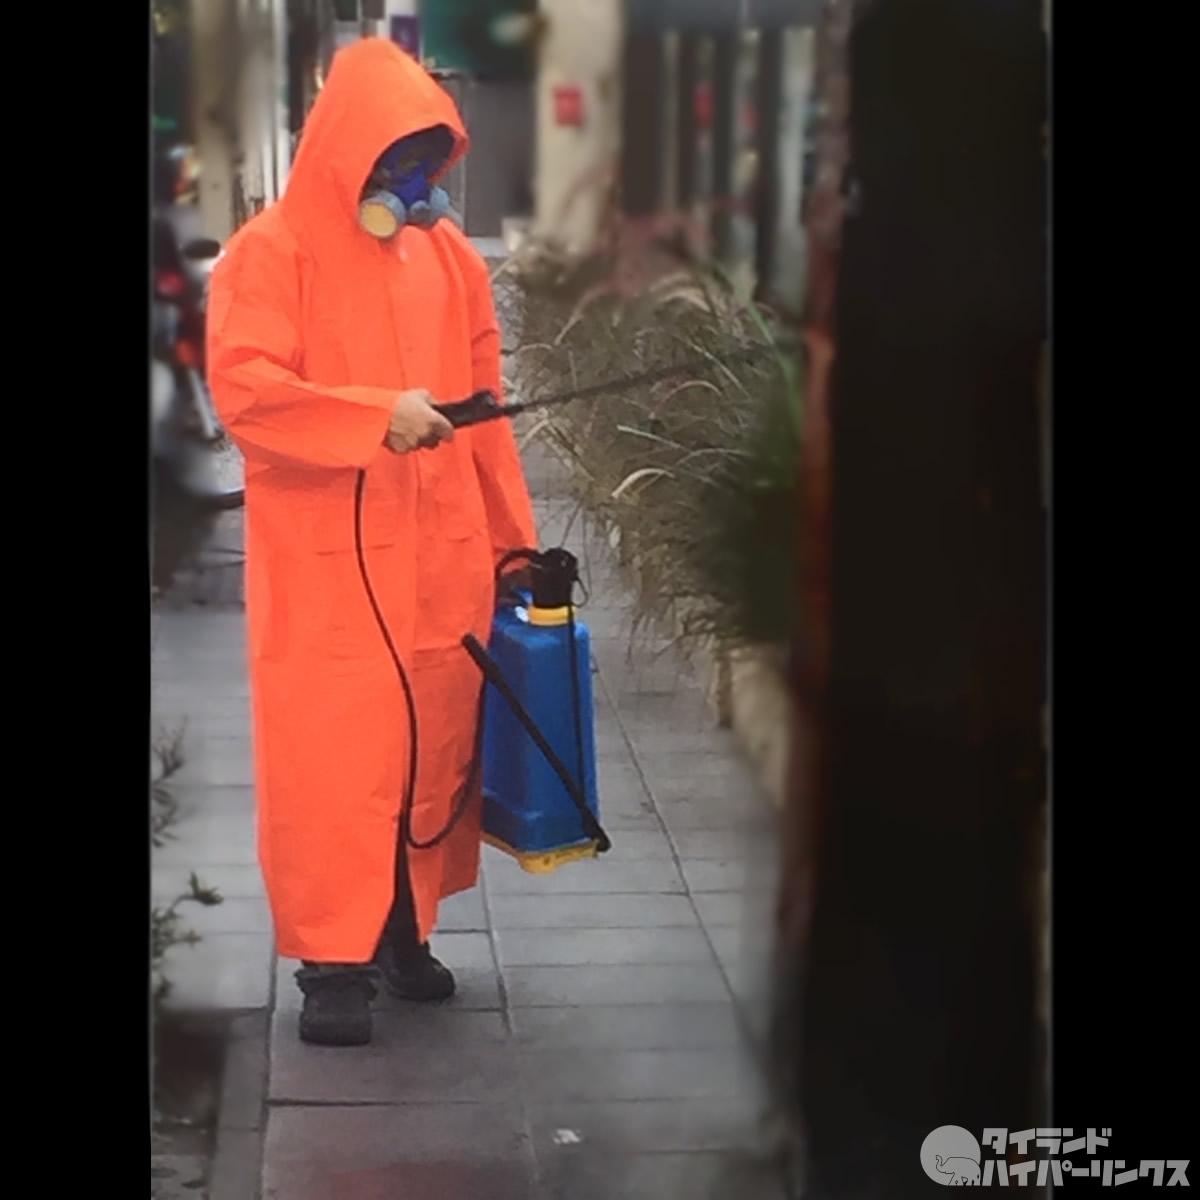 バンコクの街角で防護服で消毒中の人と出会った~